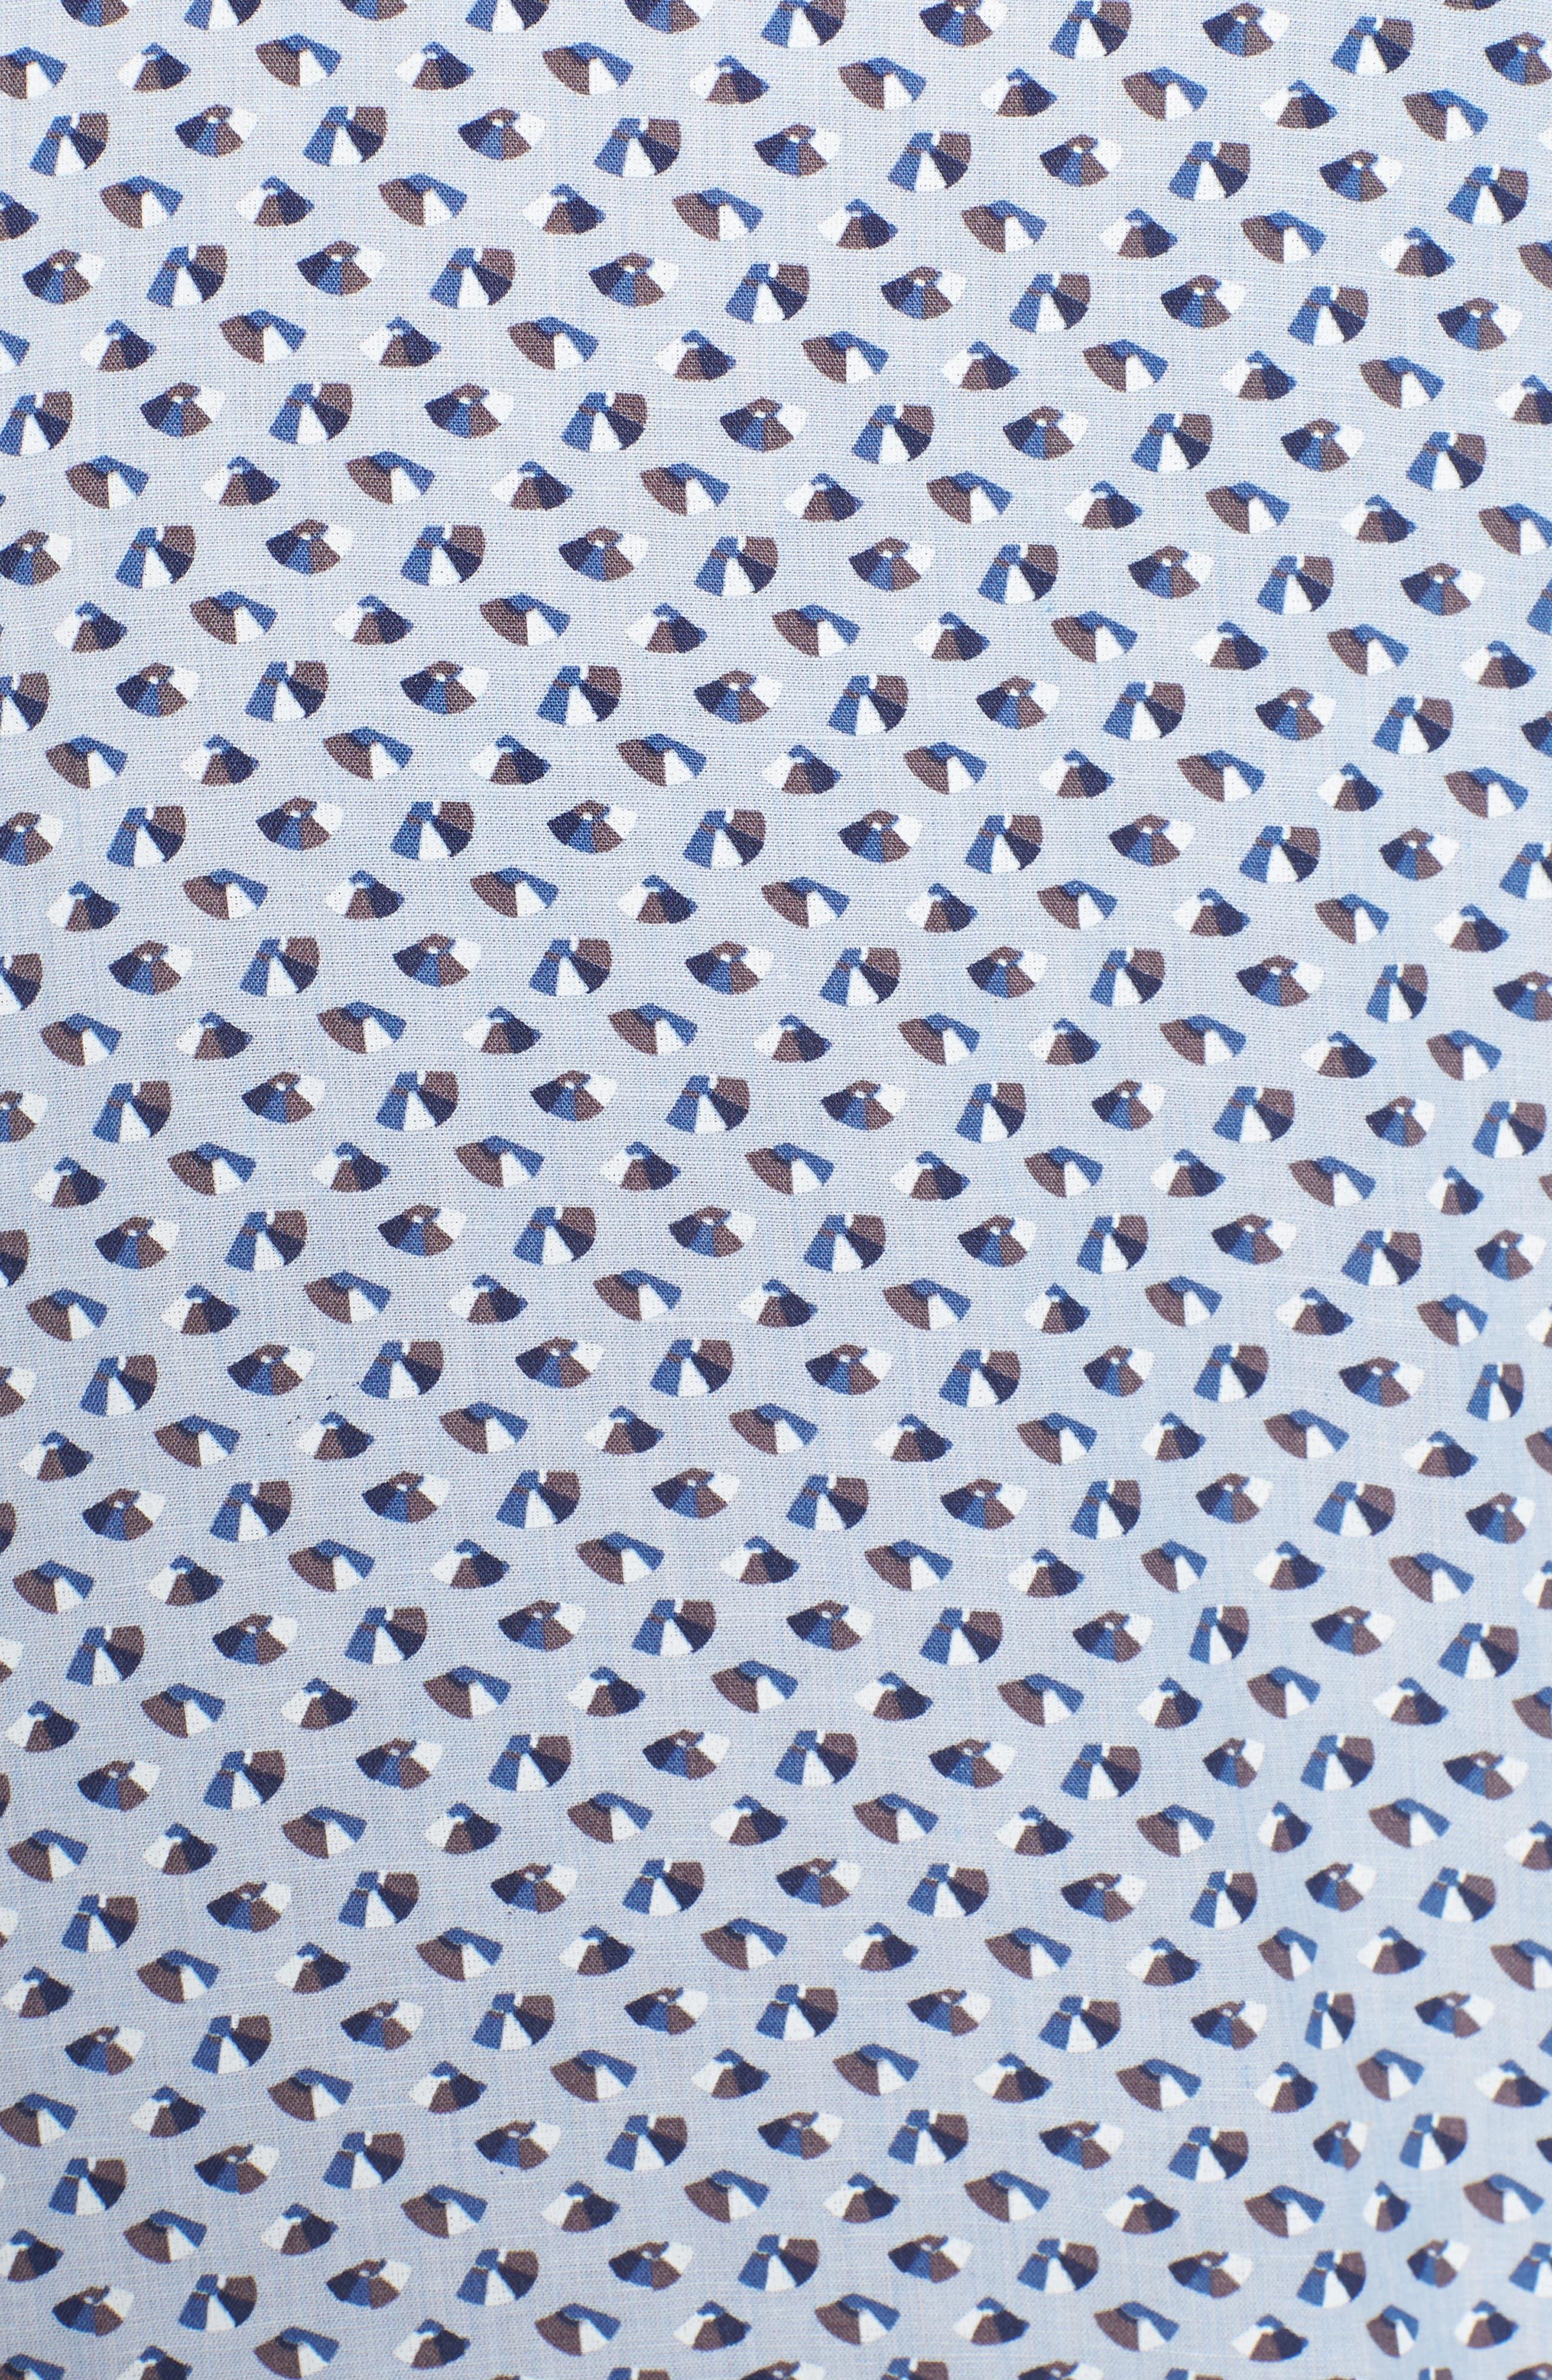 Slim Fit Print Cotton & Linen Sport Shirt,                             Alternate thumbnail 5, color,                             400